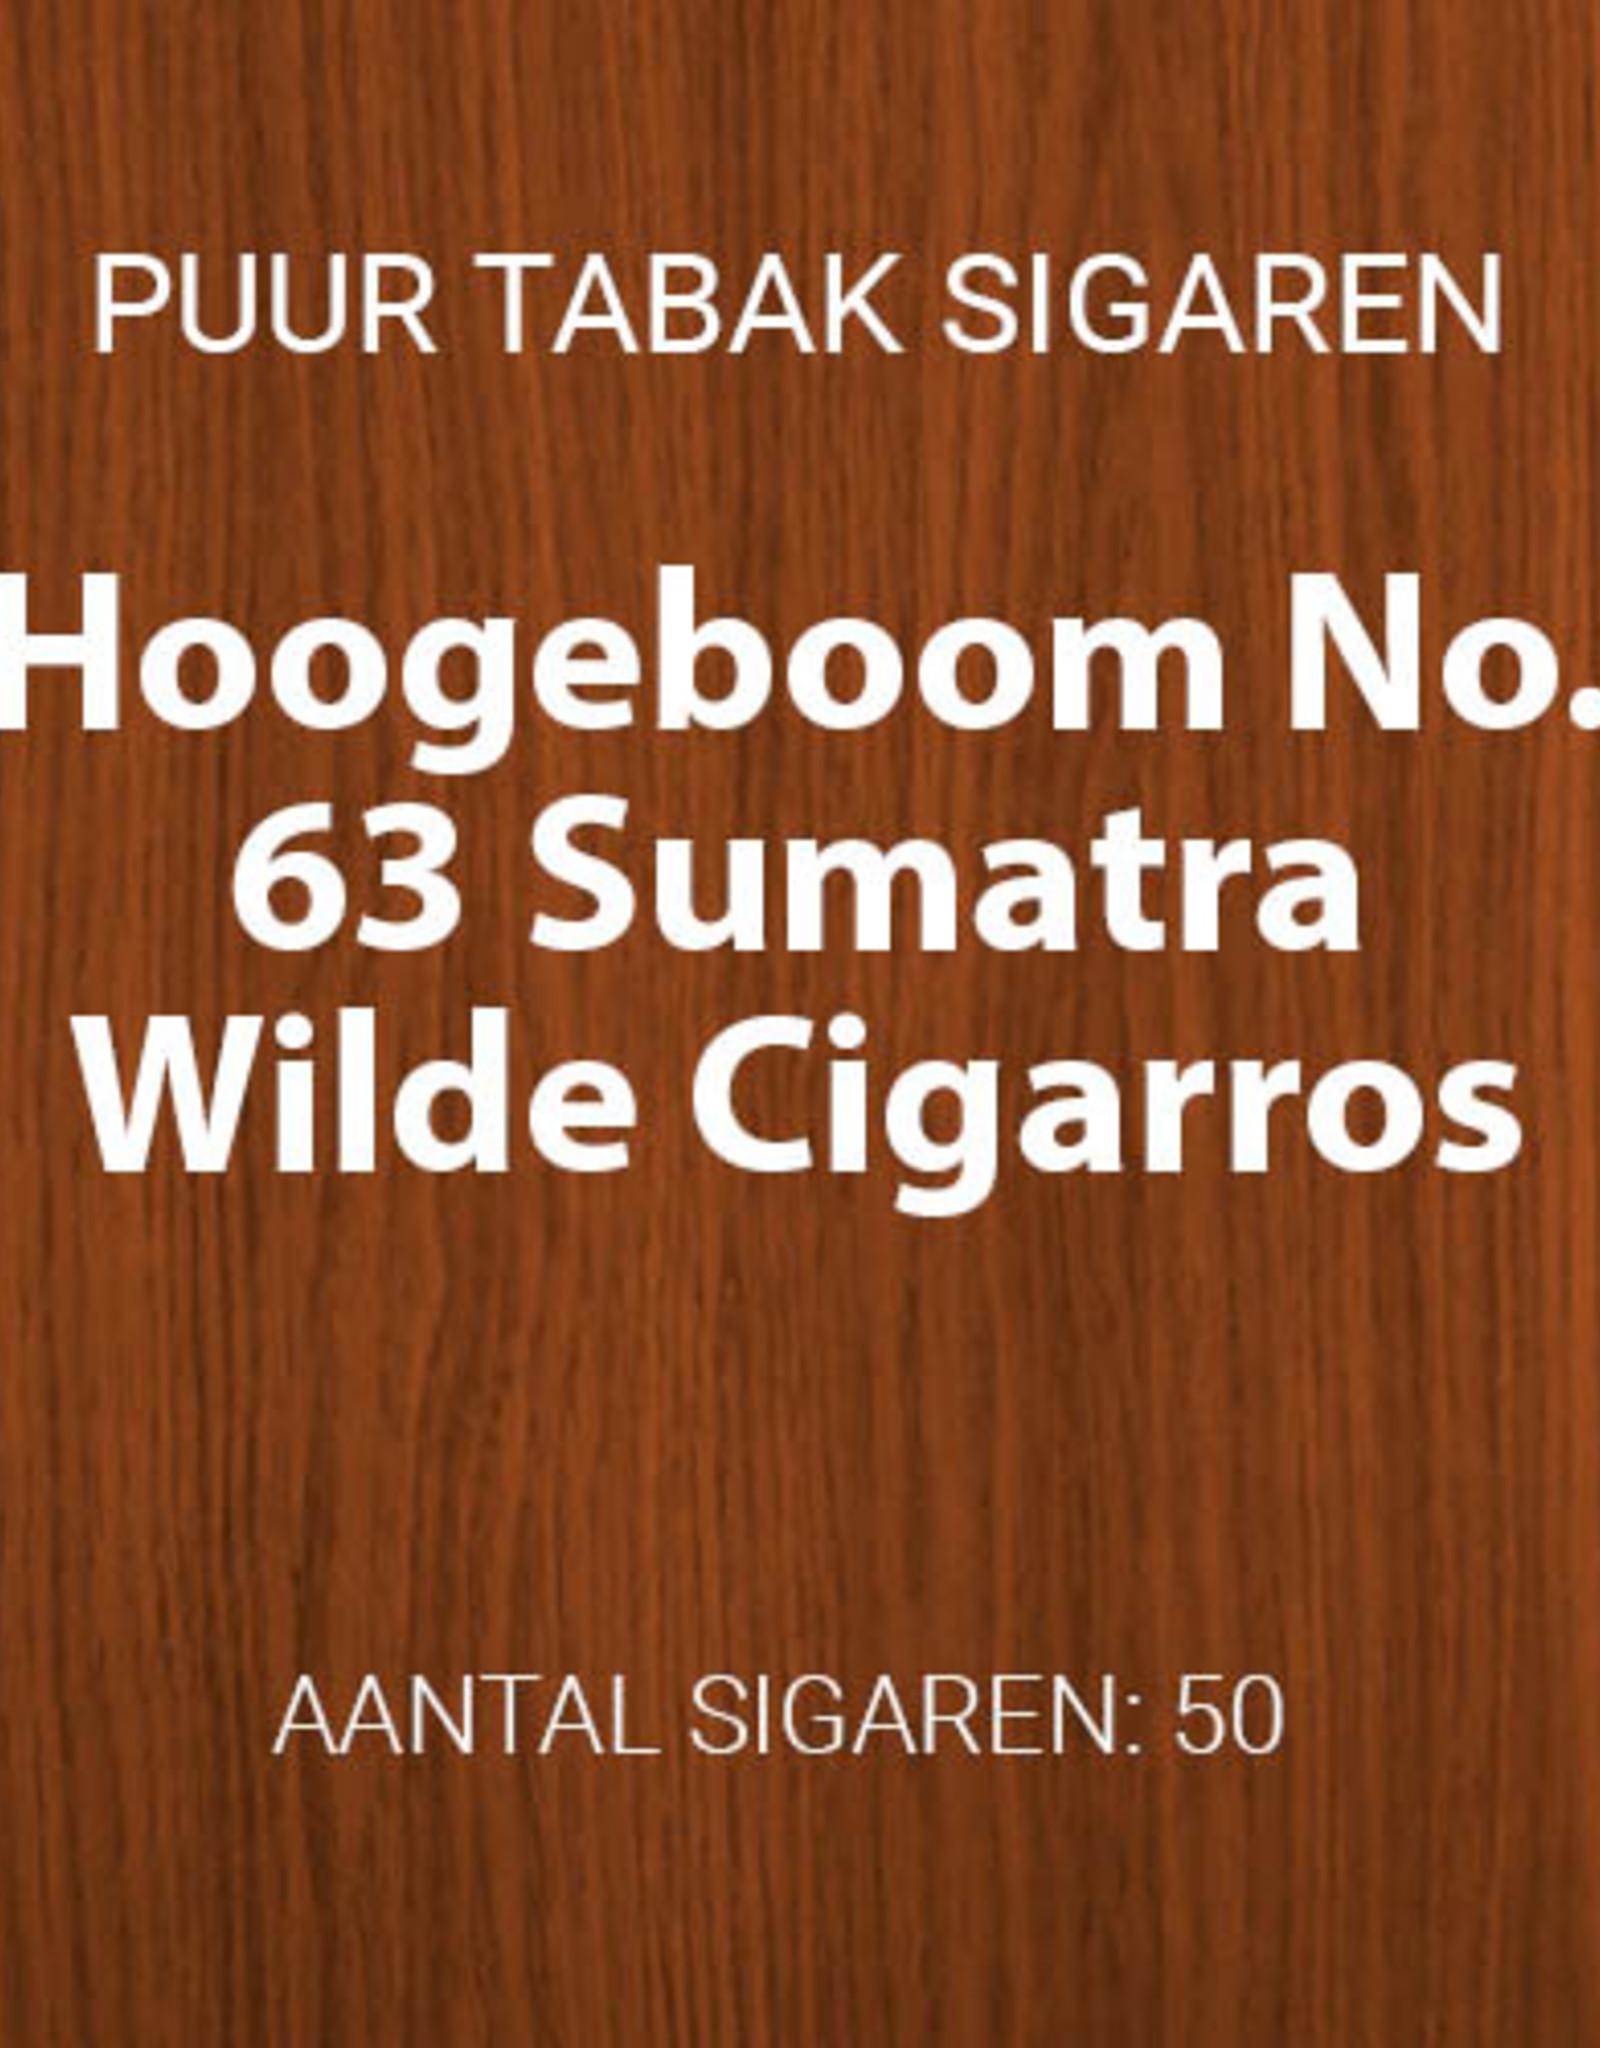 No. 63 Sumatra Wilde Cigarros